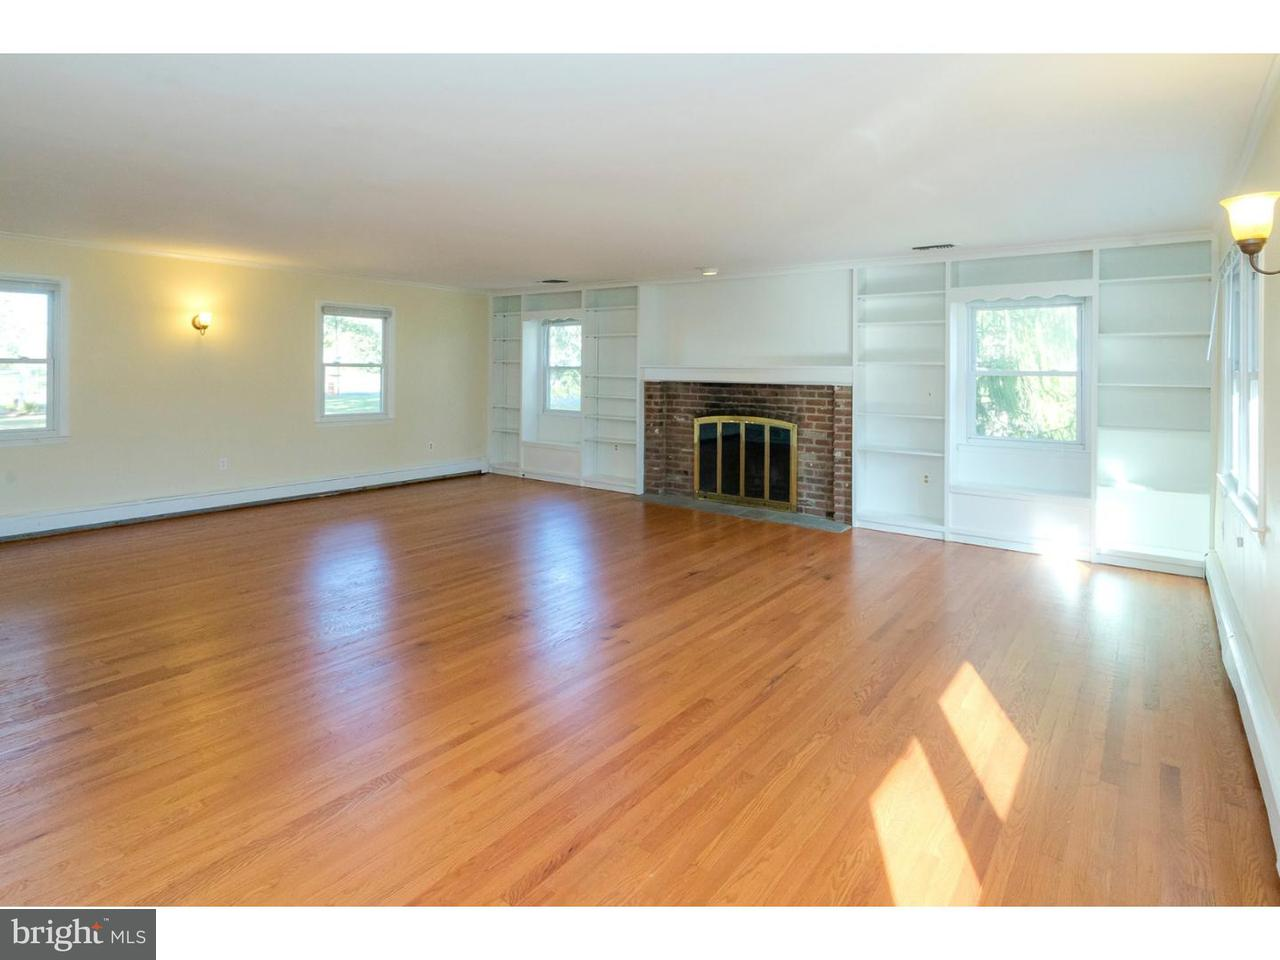 Maison unifamiliale pour l à louer à 1410 ROUTE 179 Lambertville, New Jersey 08530 États-UnisDans/Autour: West Amwell Township